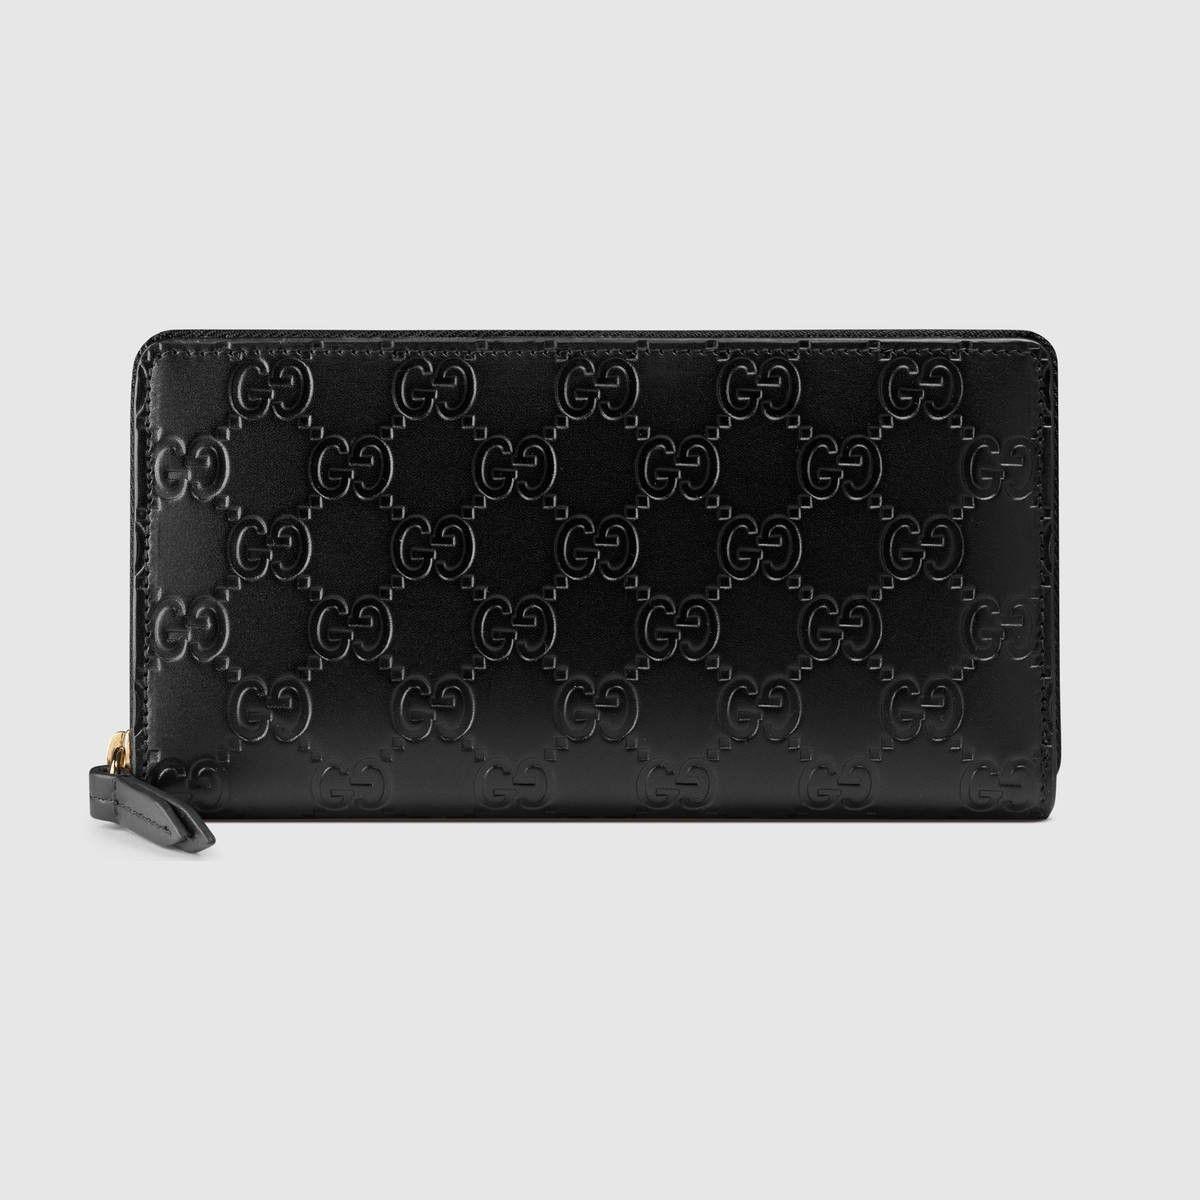 Gucci gucci signature zip around wallet black gucci